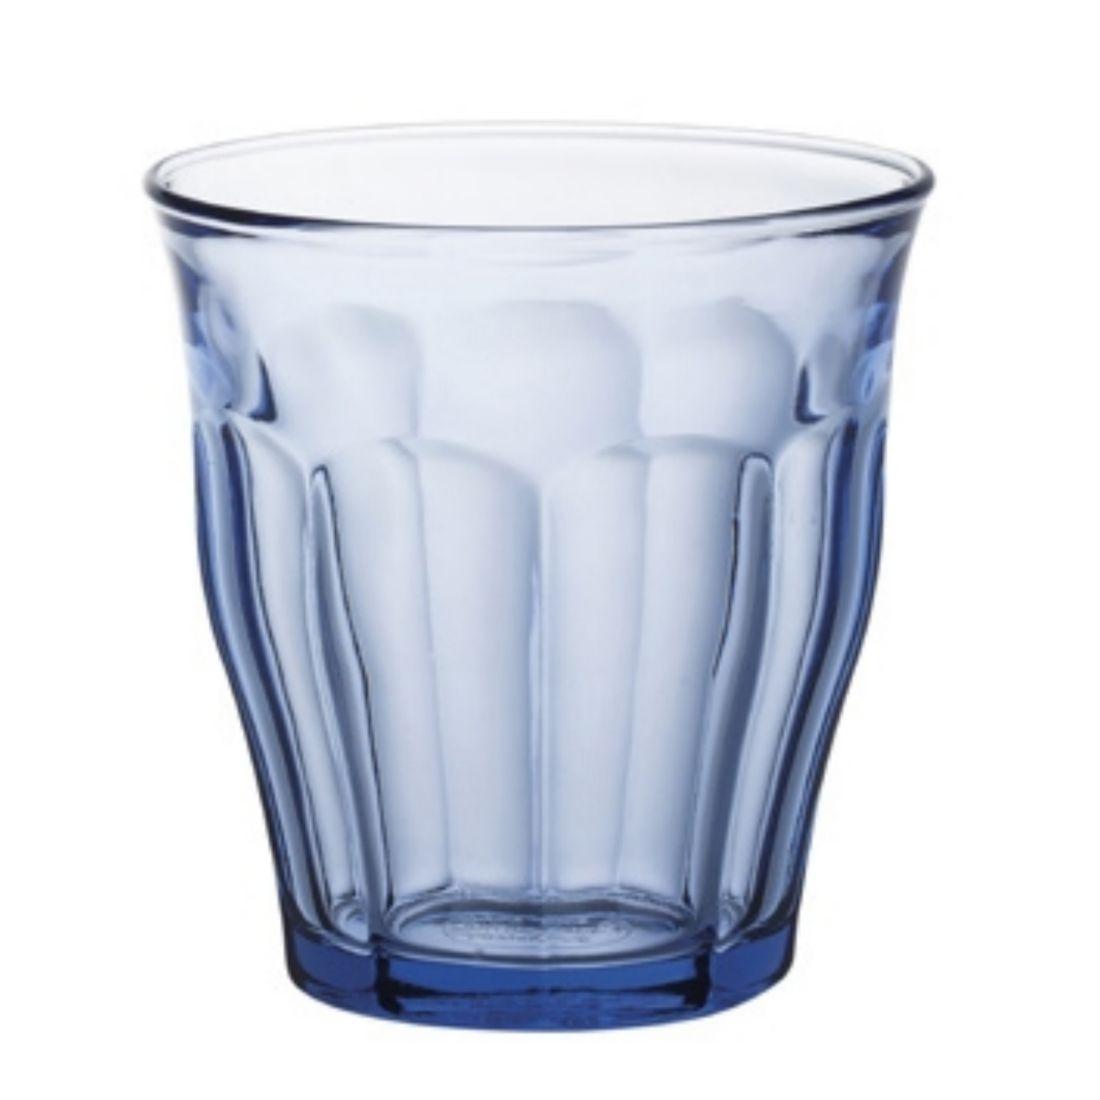 Sklenice Picardie 220 ml modrá